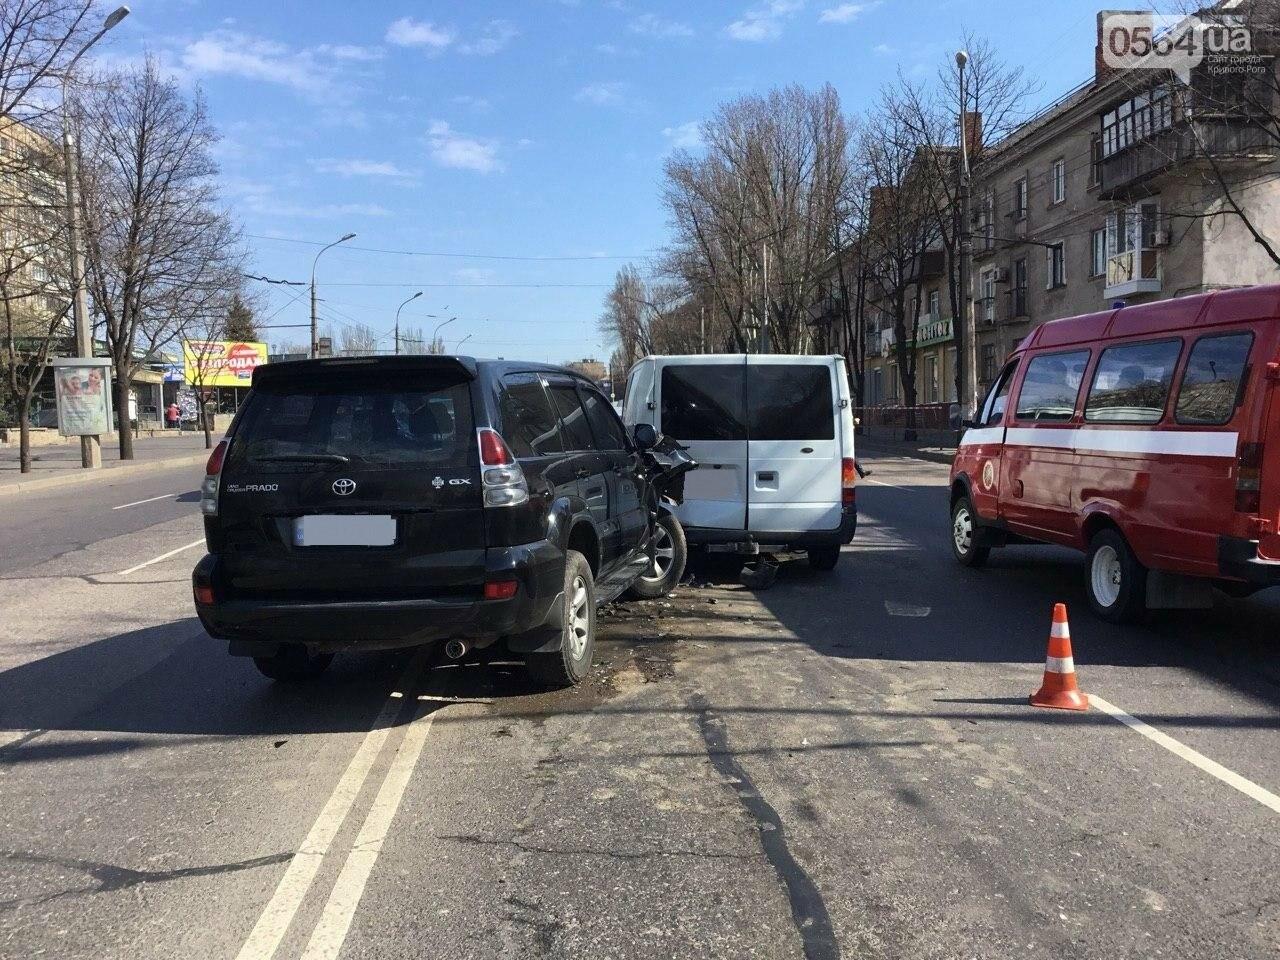 На центральном проспекте Кривого Рога столкнулись 4 автомобиля, - ФОТО, фото-7